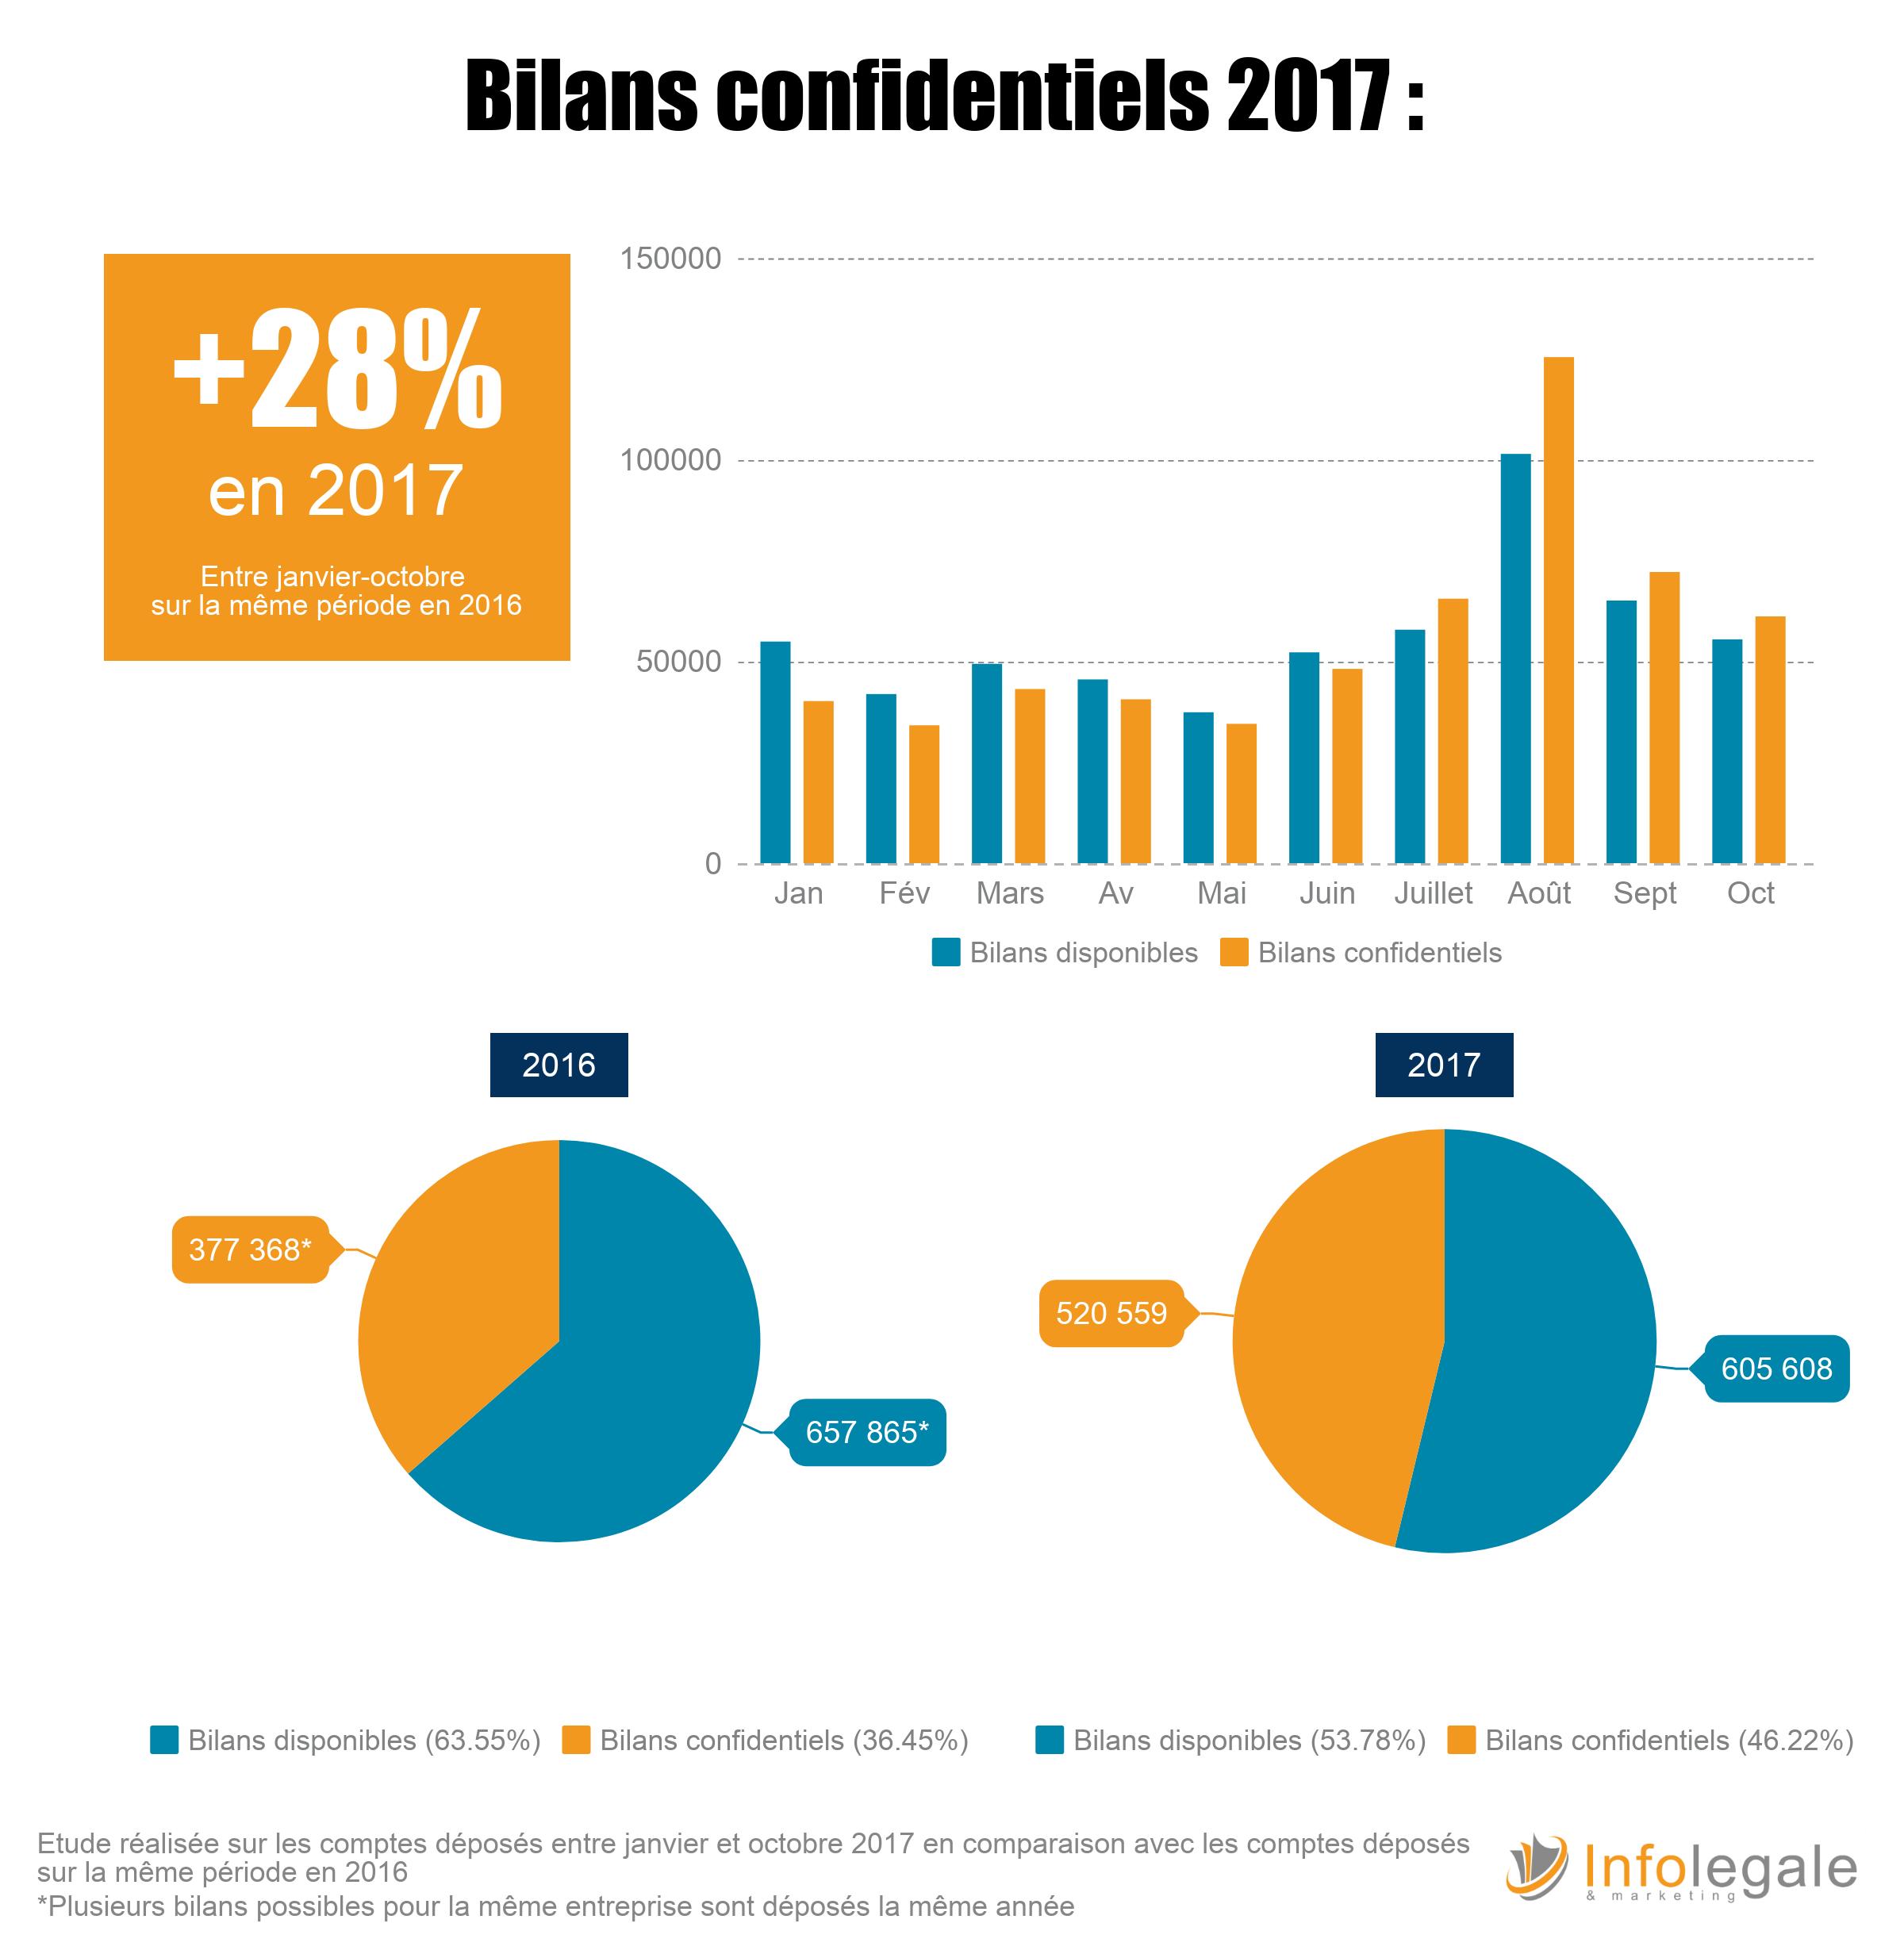 Bilans confidentiels 2017